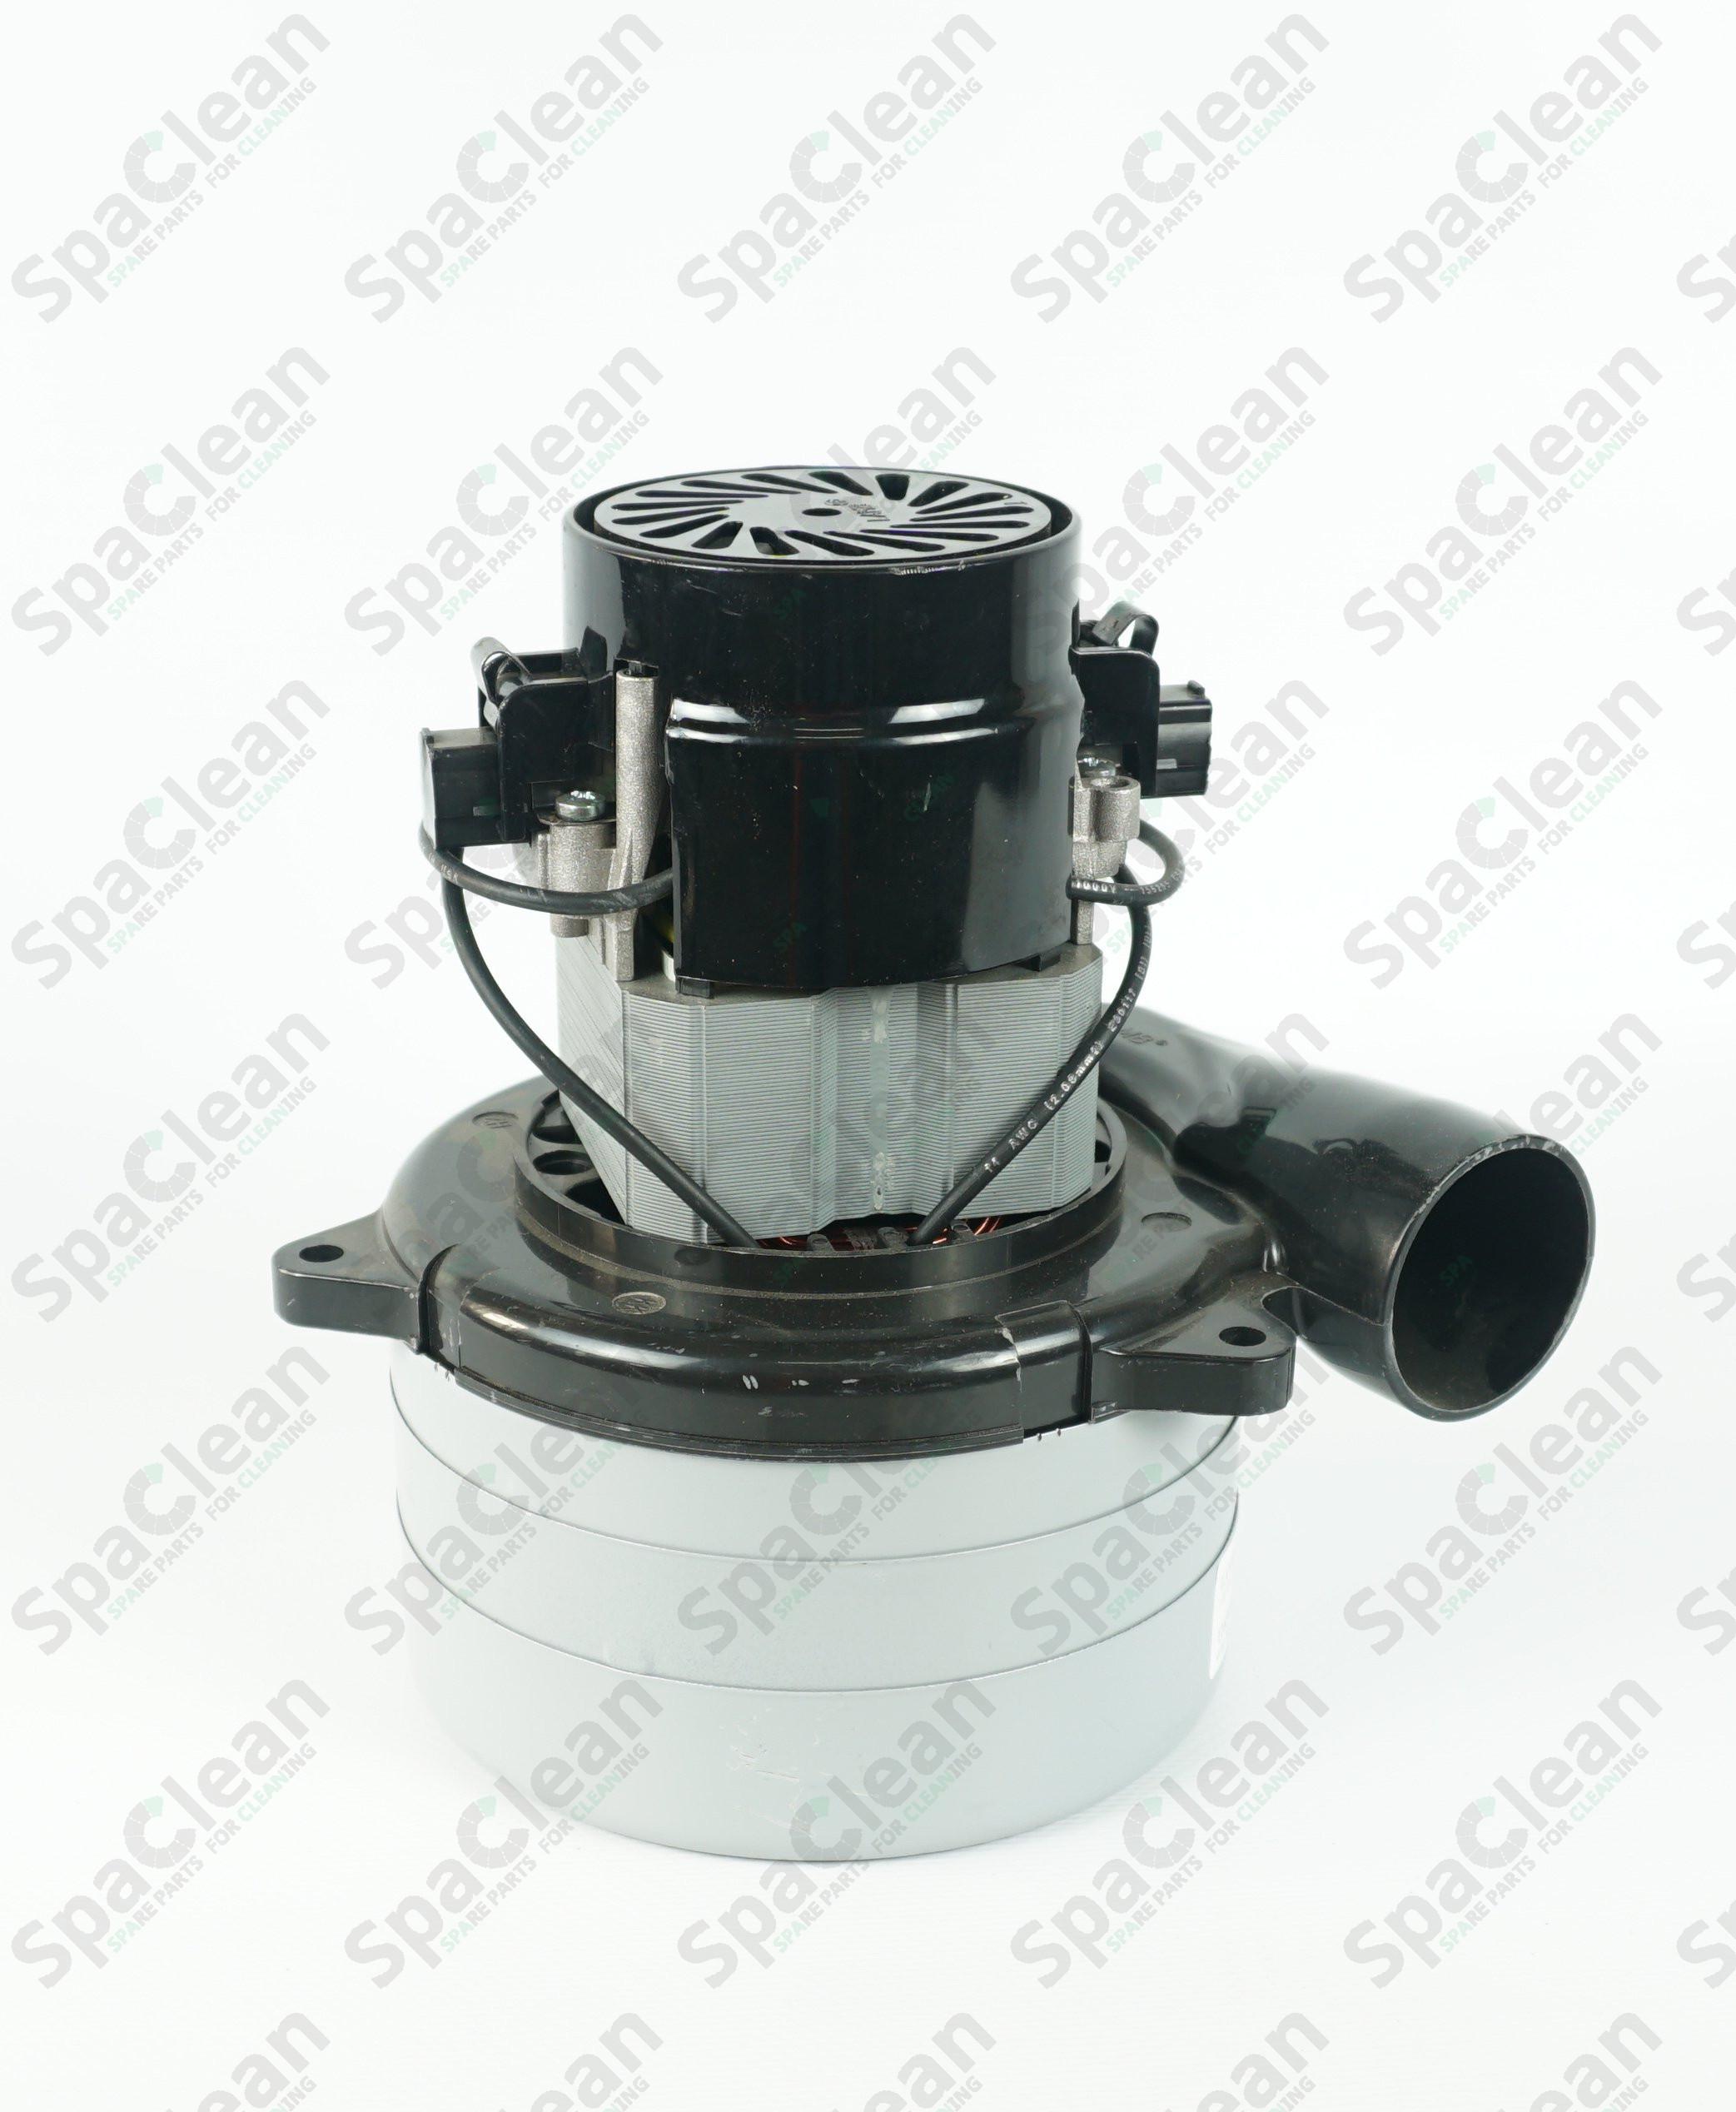 Мотор вакуумный 24V 650W Трехстадийный для Tennant 5540